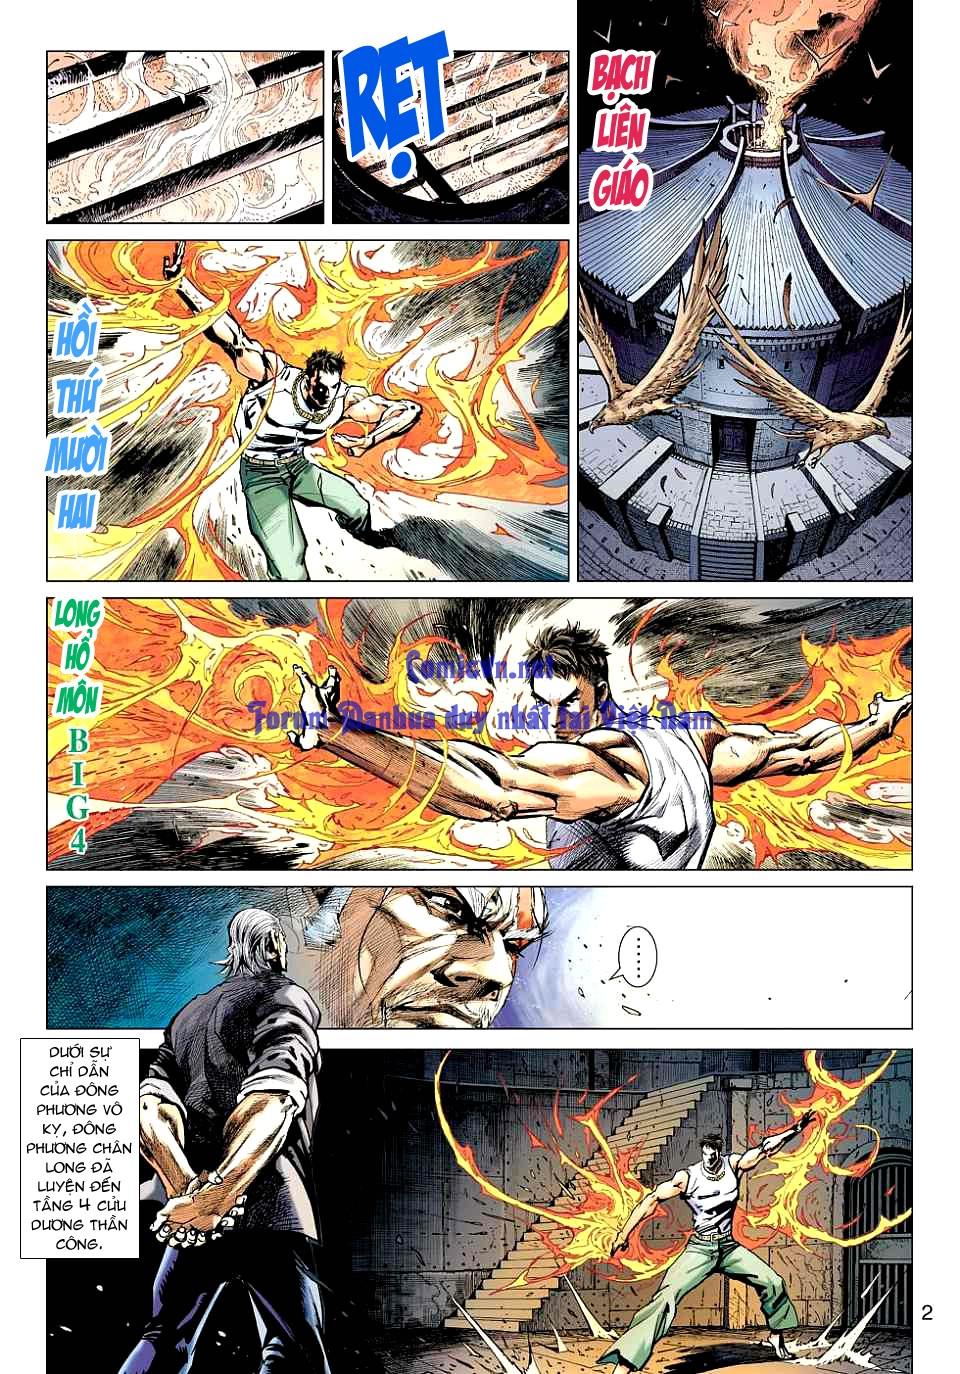 Vương Phong Lôi 1 chap 12 - Trang 2